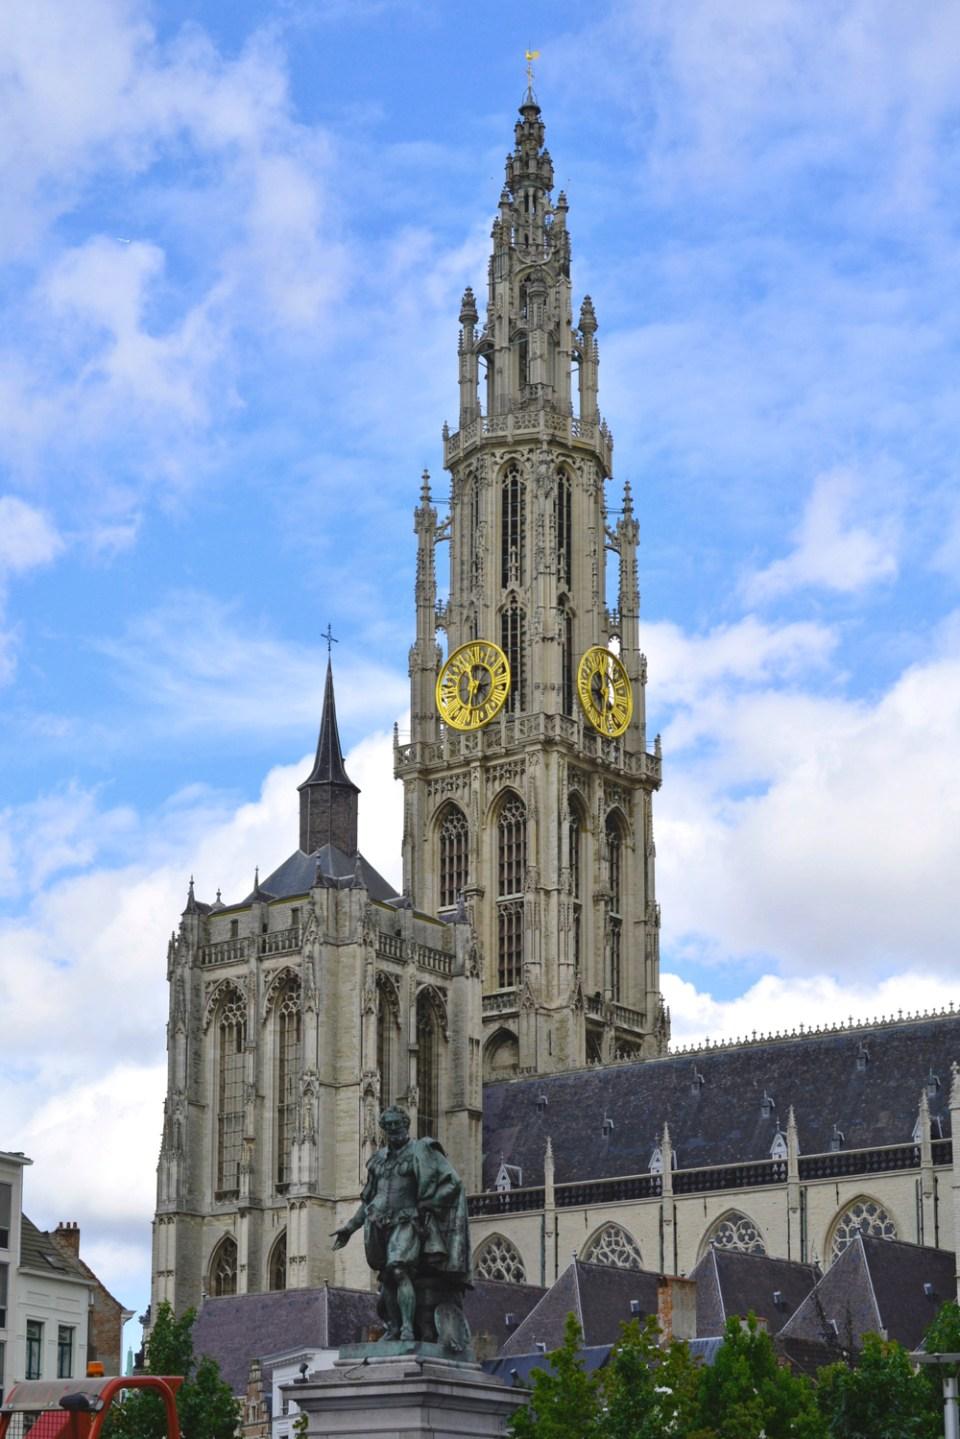 antwerp_ノートルダム大聖堂